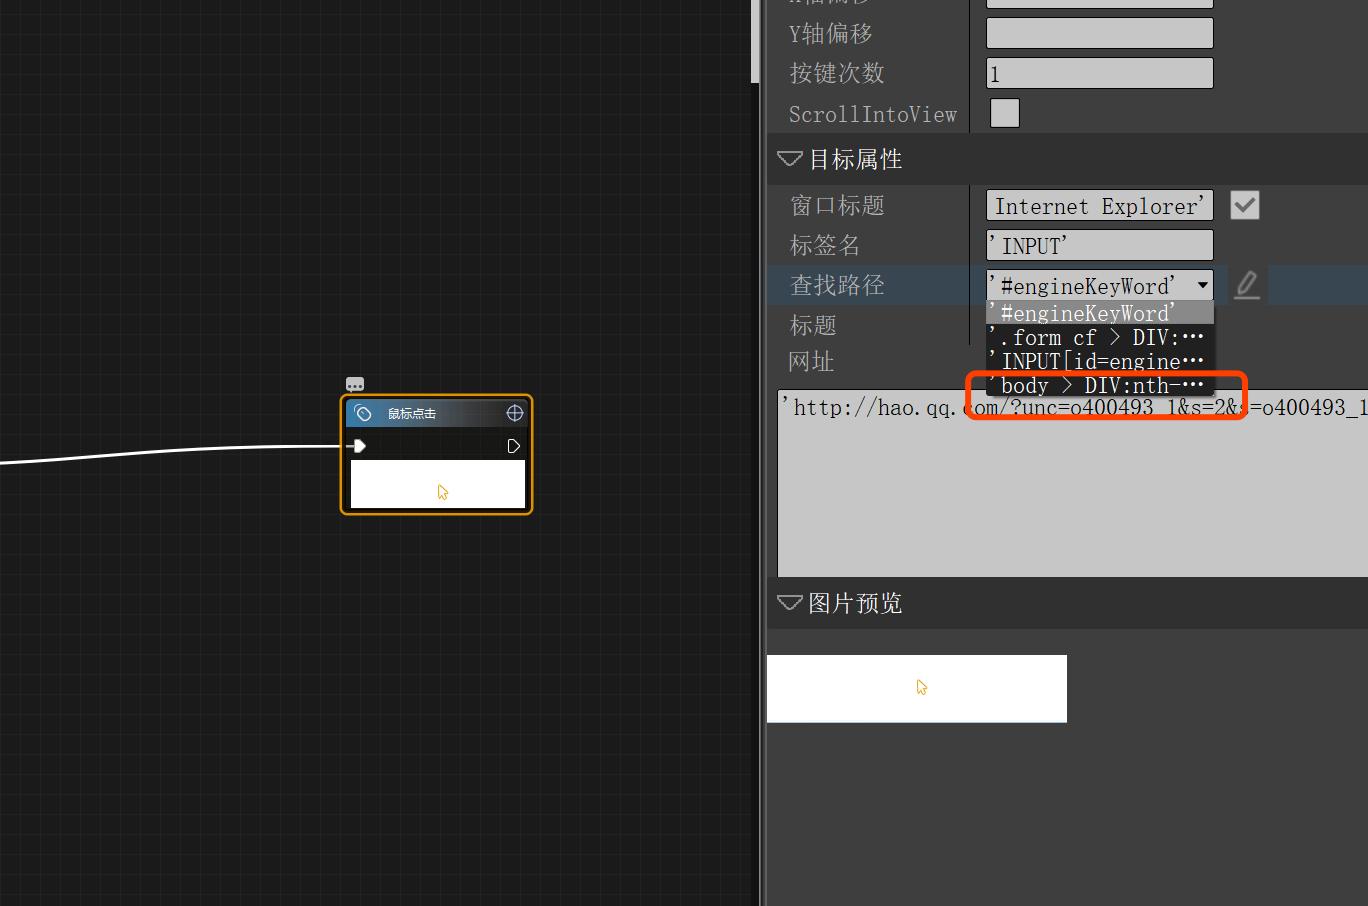 循环点击网页按钮,属性一直变,其中的一种处理方法